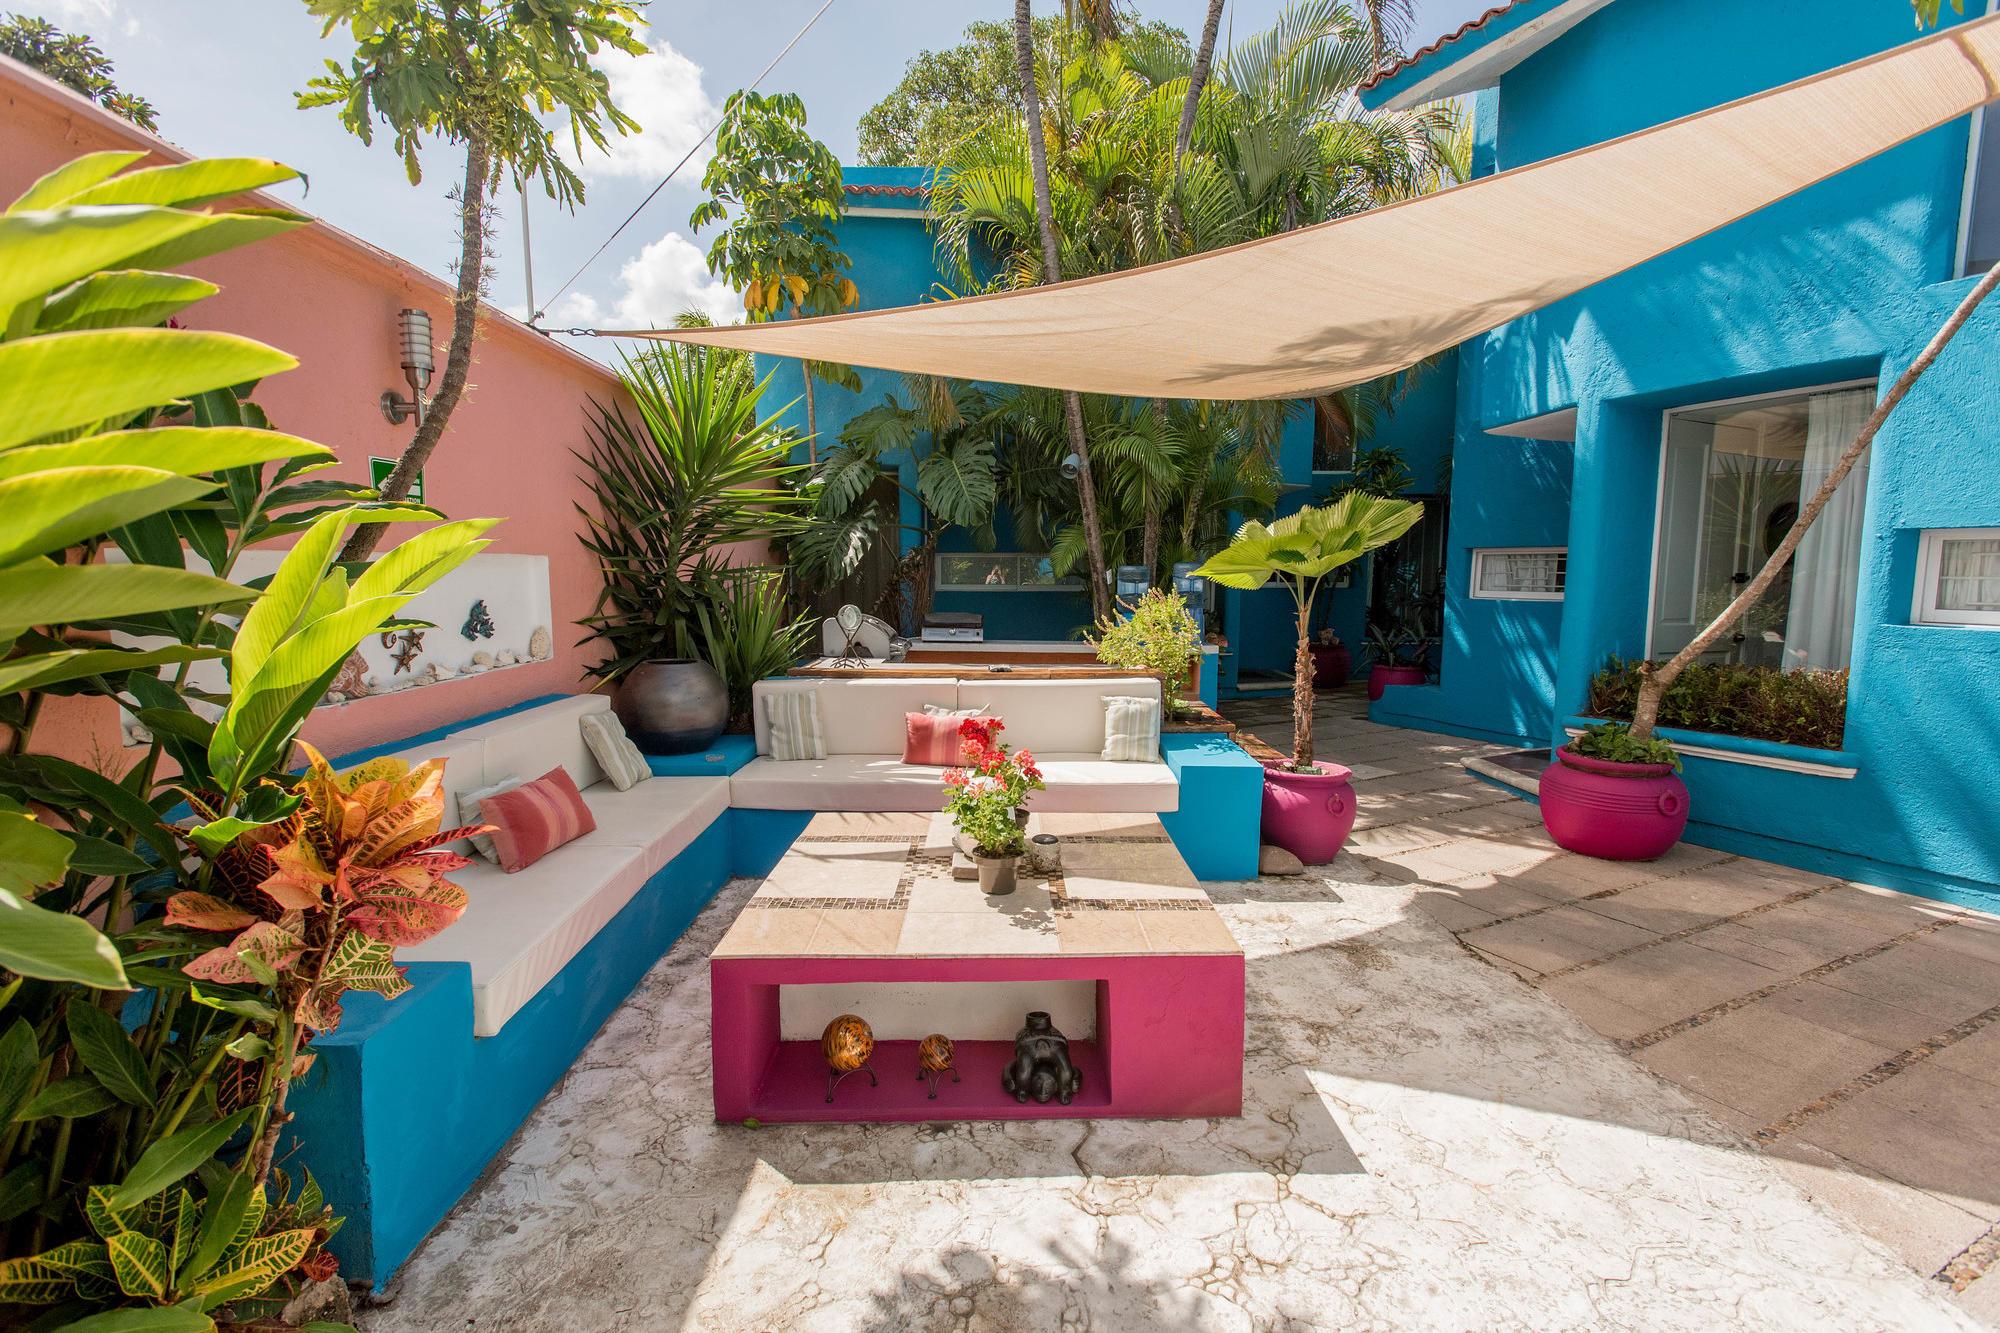 The patio and garden at Villas Las Anclas